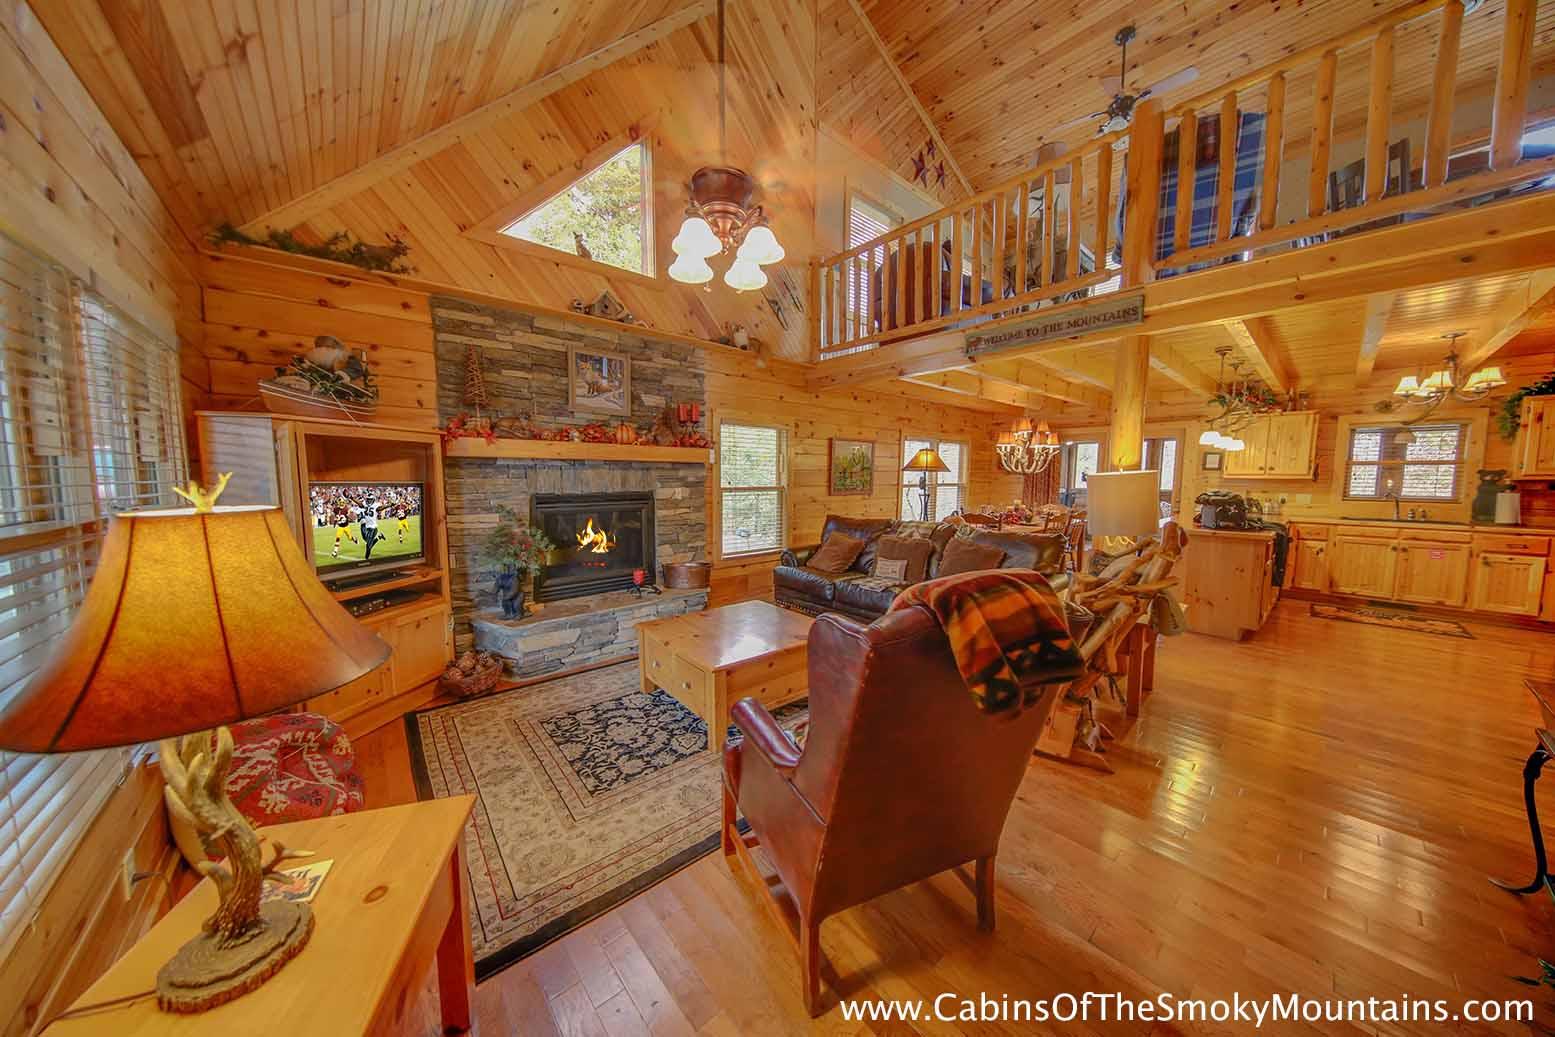 Wears Valley Cabin Fox N Socks 3 Bedroom Sleeps 10 Jacuzzi Bunk Beds Fire Pit